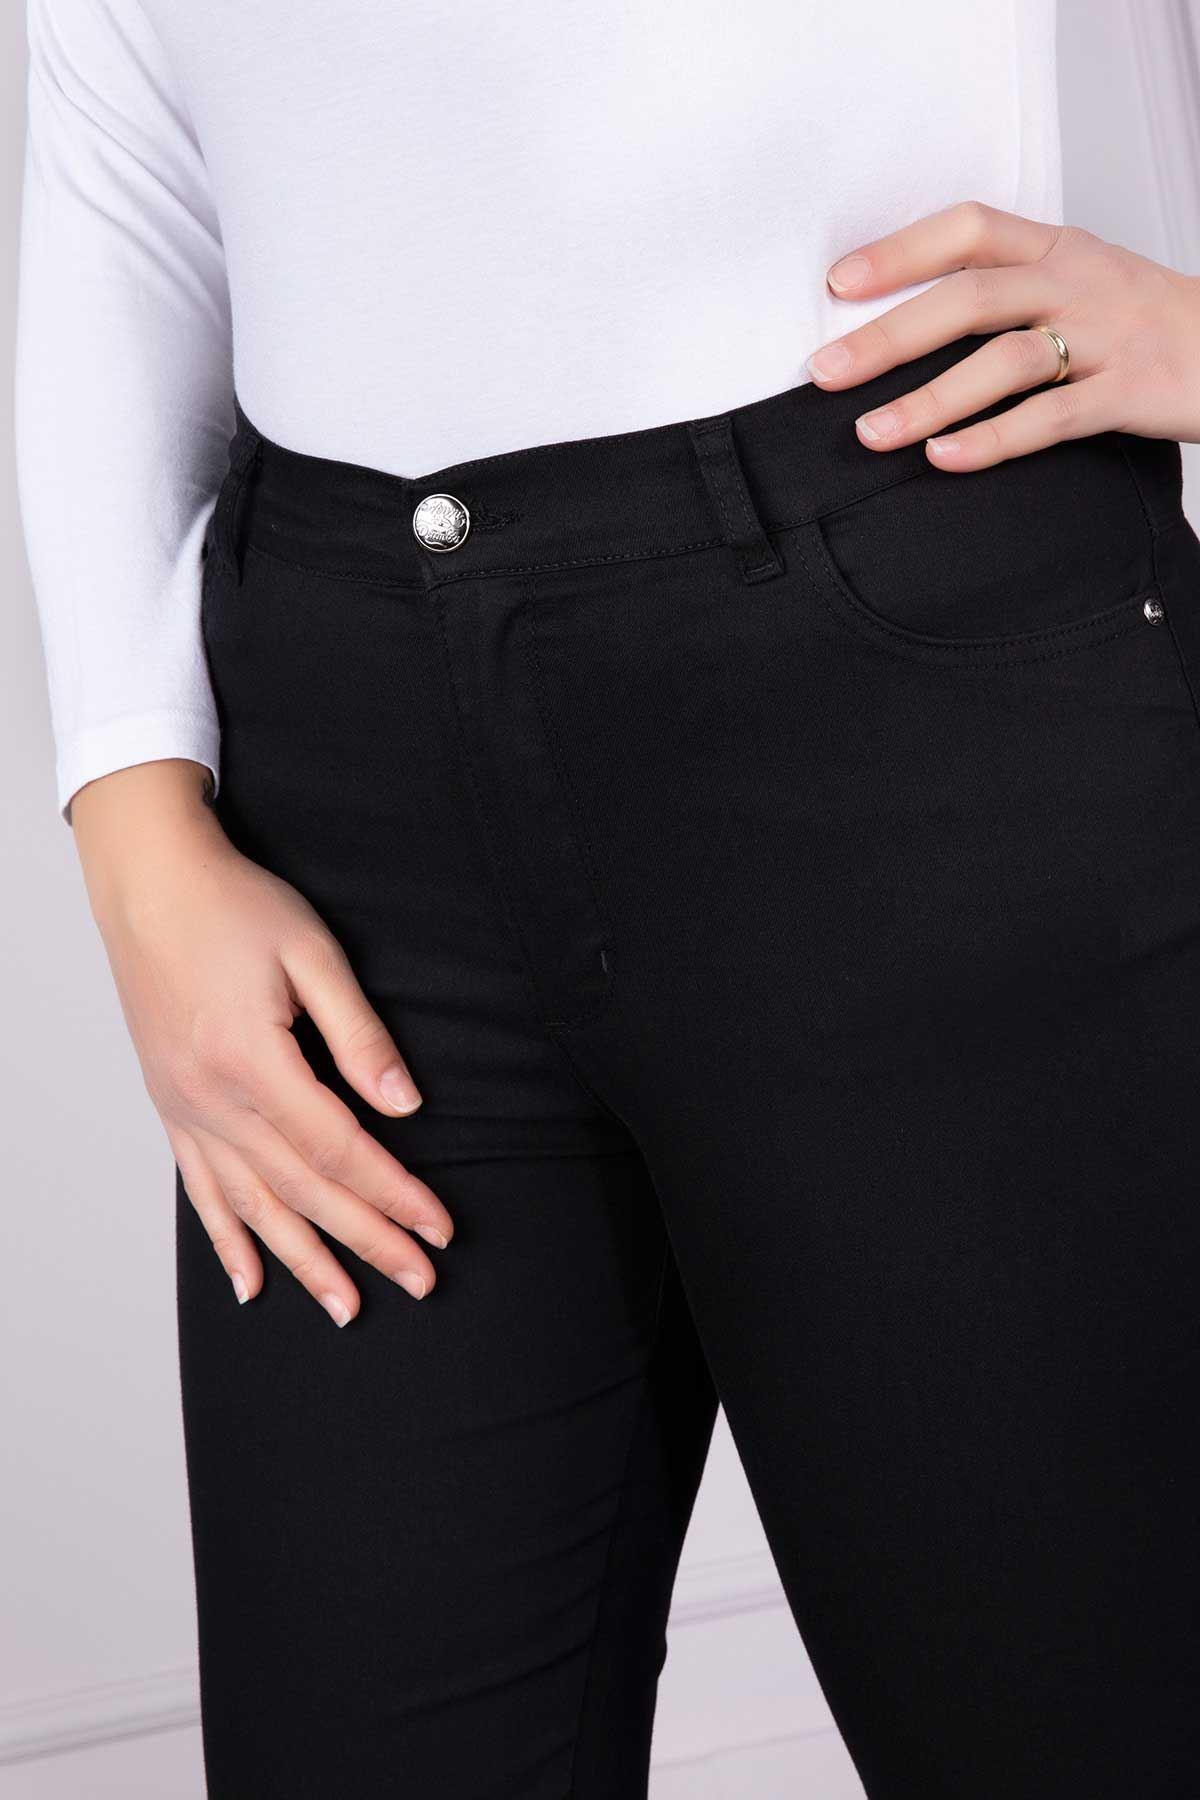 Bel Lastik Detaylı Pantolon Siyah 4115-07